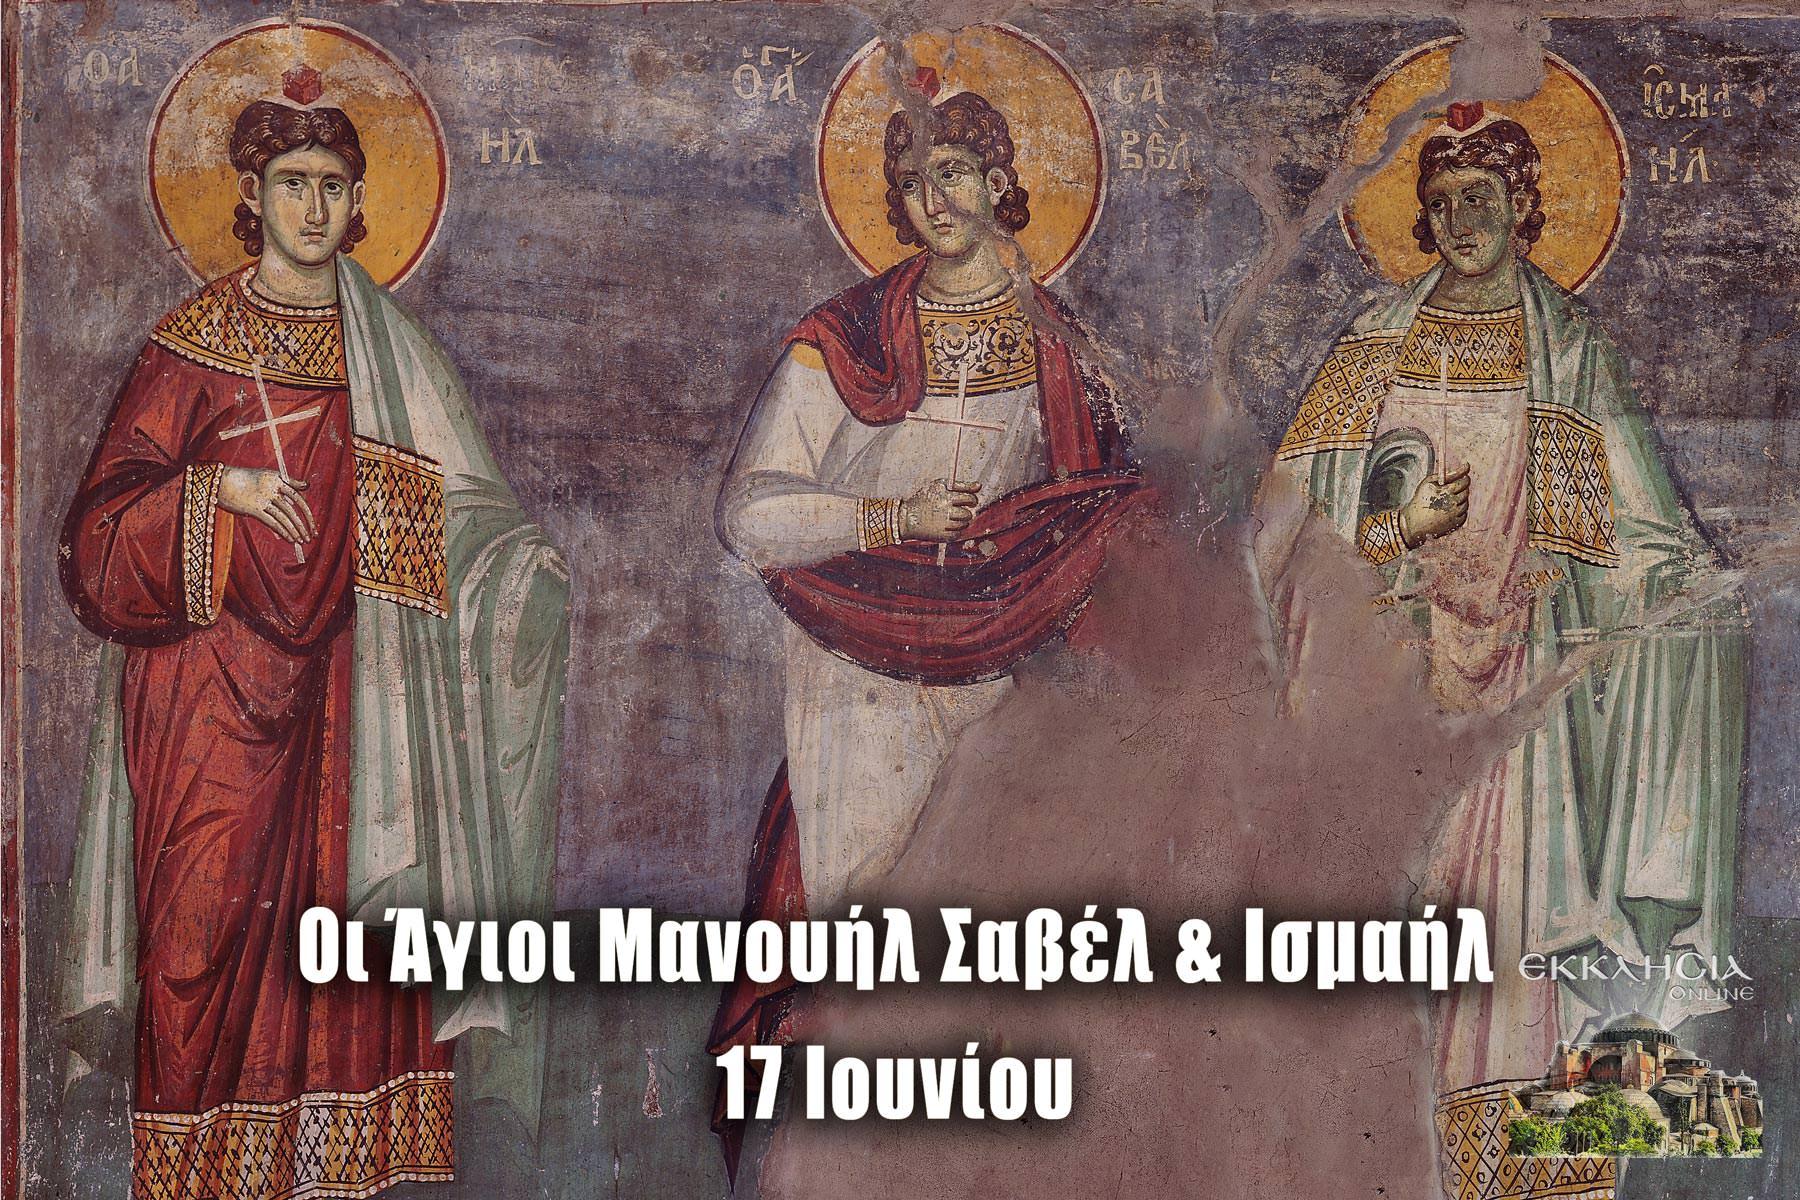 Άγιοι Μανουήλ Σαβέλ Ισμαήλ Μάρτυρες 17 Ιουνίου